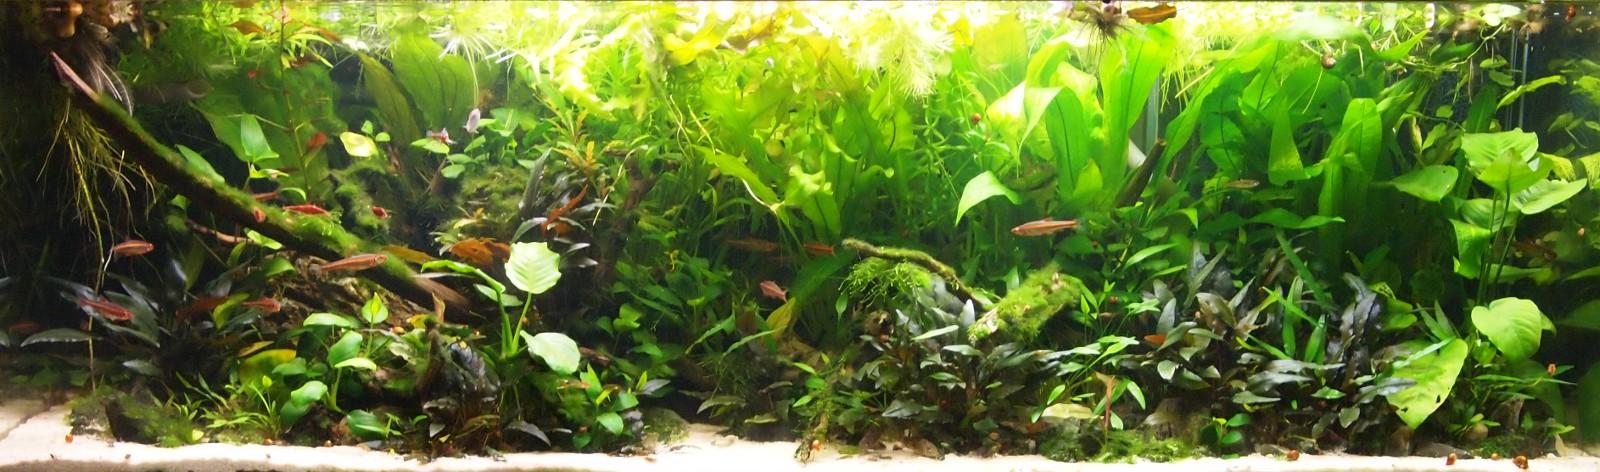 240 liter nature neueinrichtung seite 5 aquarium forum for Elritzen im gartenteich